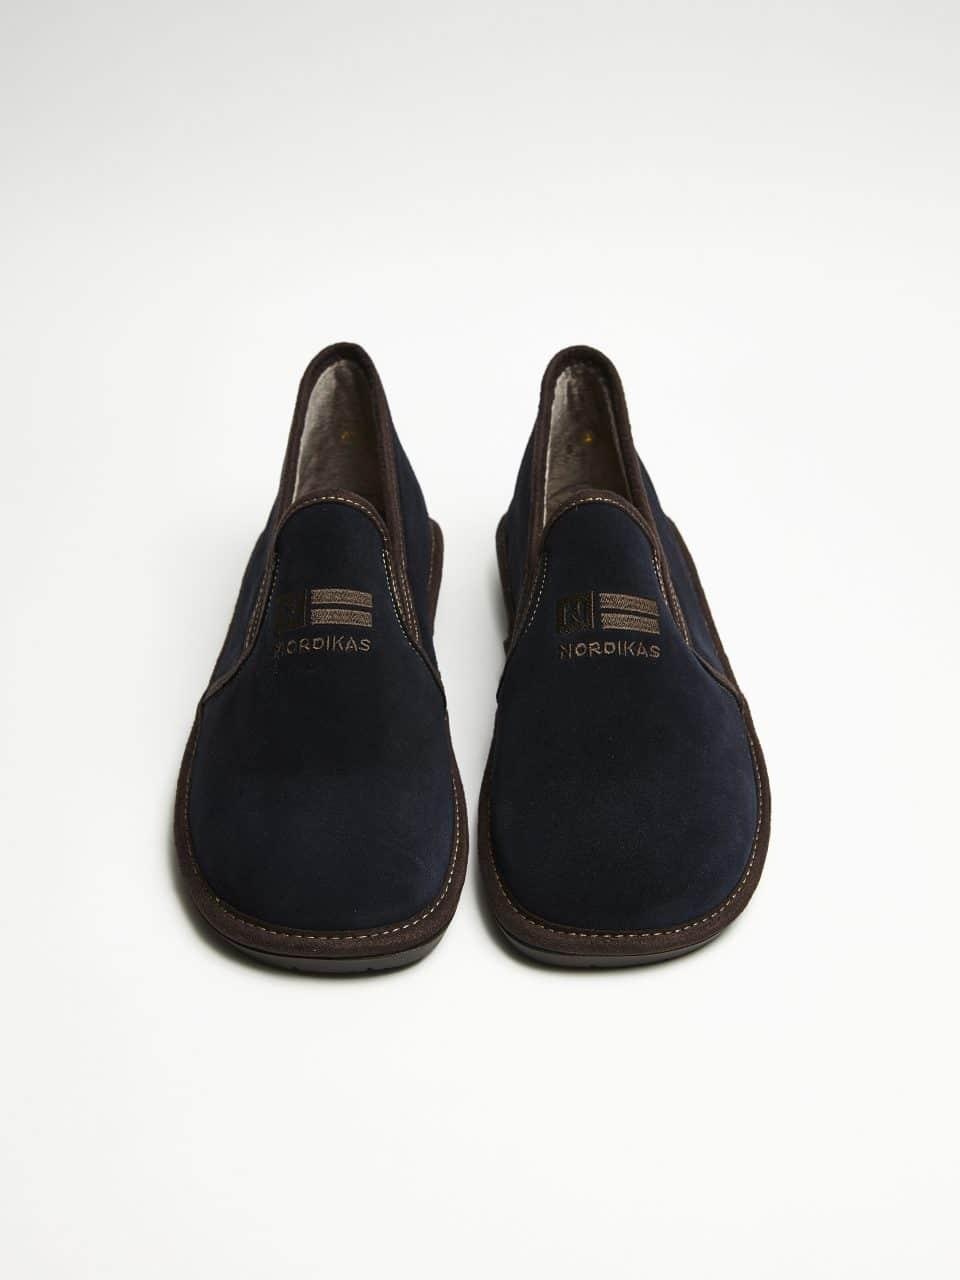 NORDIKAS AFELPADO AZUL MARINO HOMBRE Marcas en Loyna Shoes